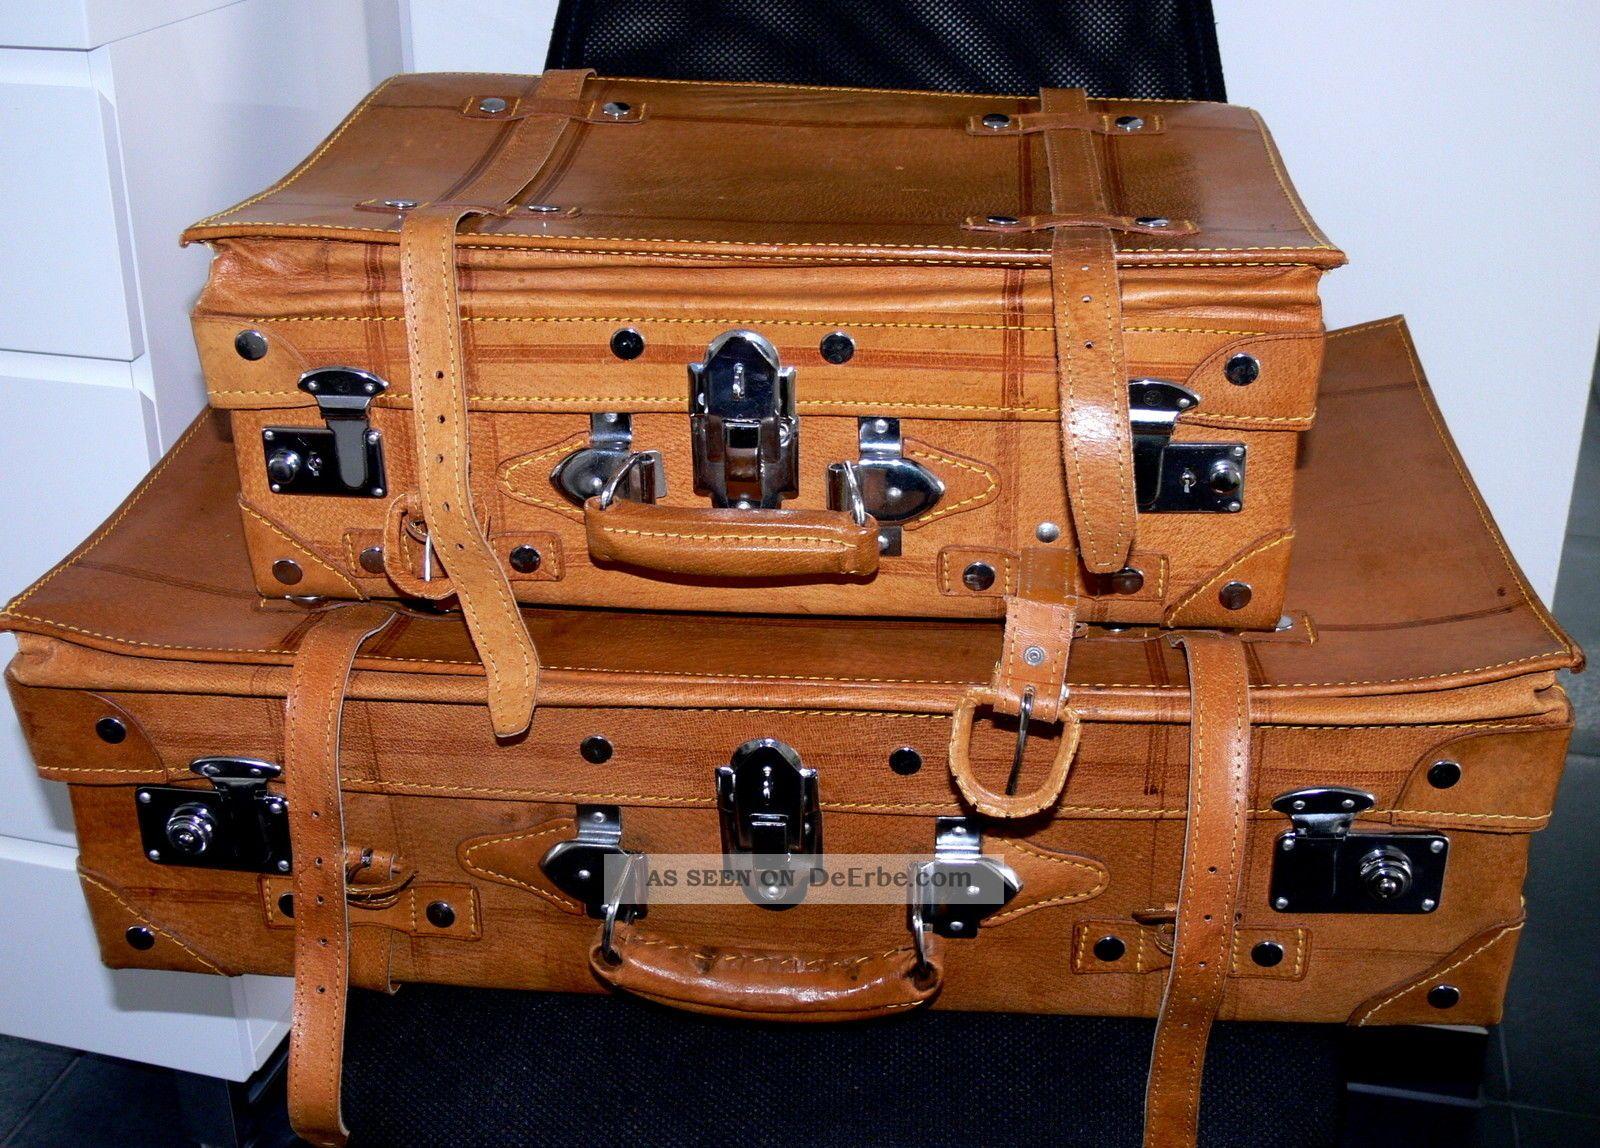 2 leder koffer gro und klein vintage koffer f r oldtimer cabrio mit schl ssel. Black Bedroom Furniture Sets. Home Design Ideas